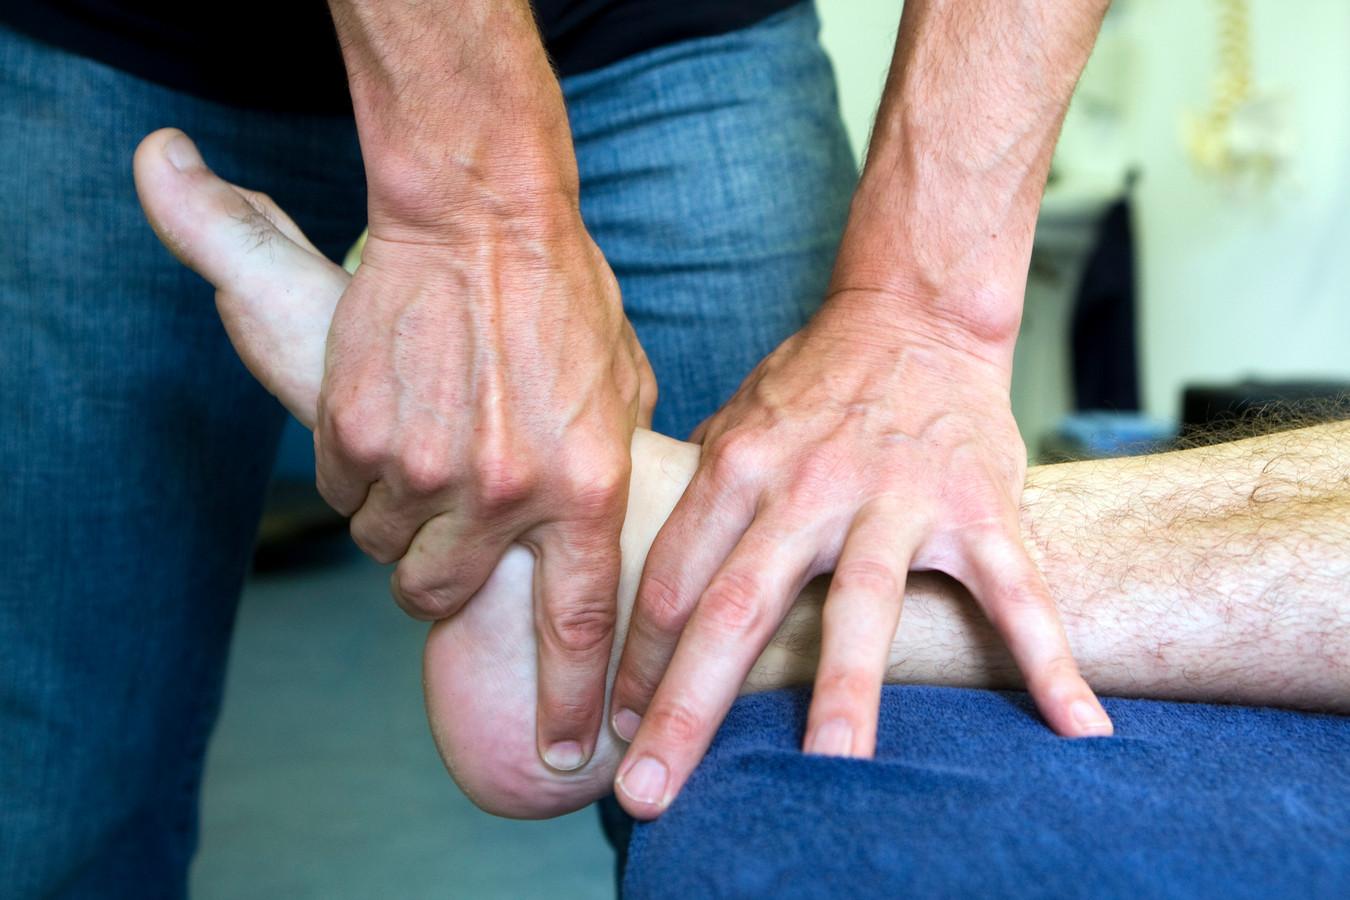 Fysiotherapeuten doen vanwege het risico op besmetting alleen nog acute gevallen.